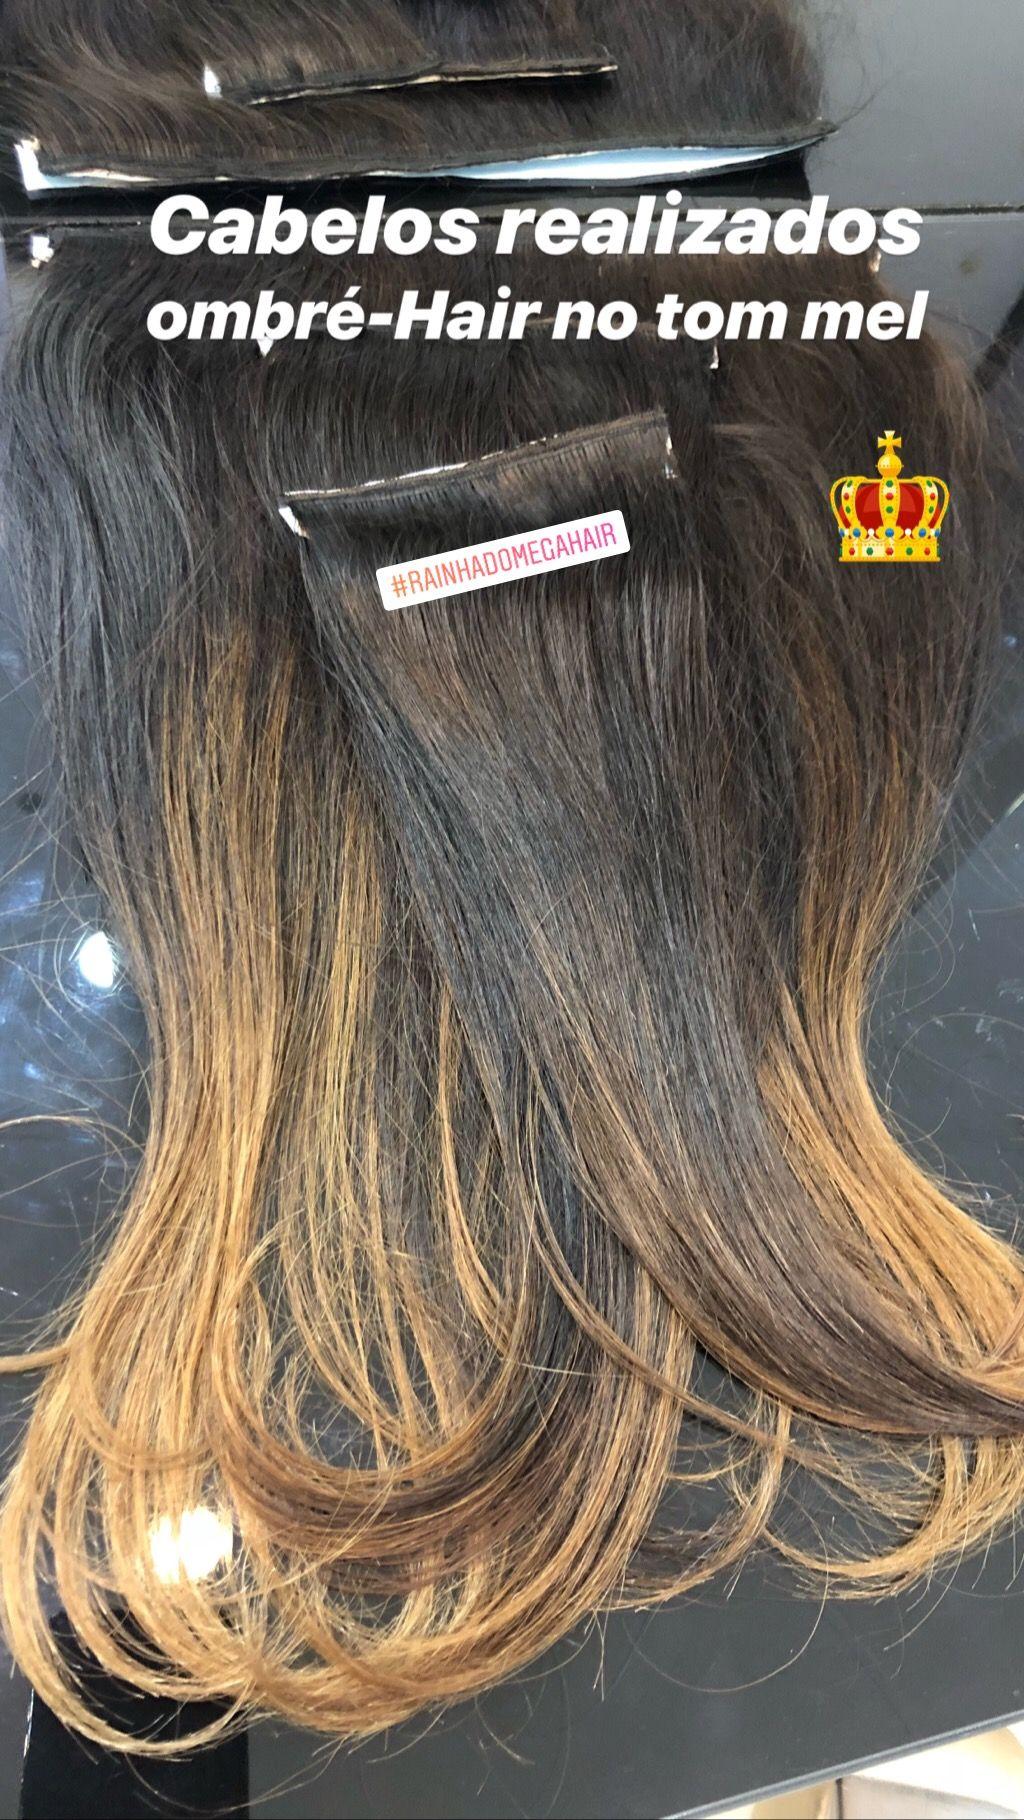 Pin de Ingrid Desirée A Rainha do Meg em Vendemos cabelos